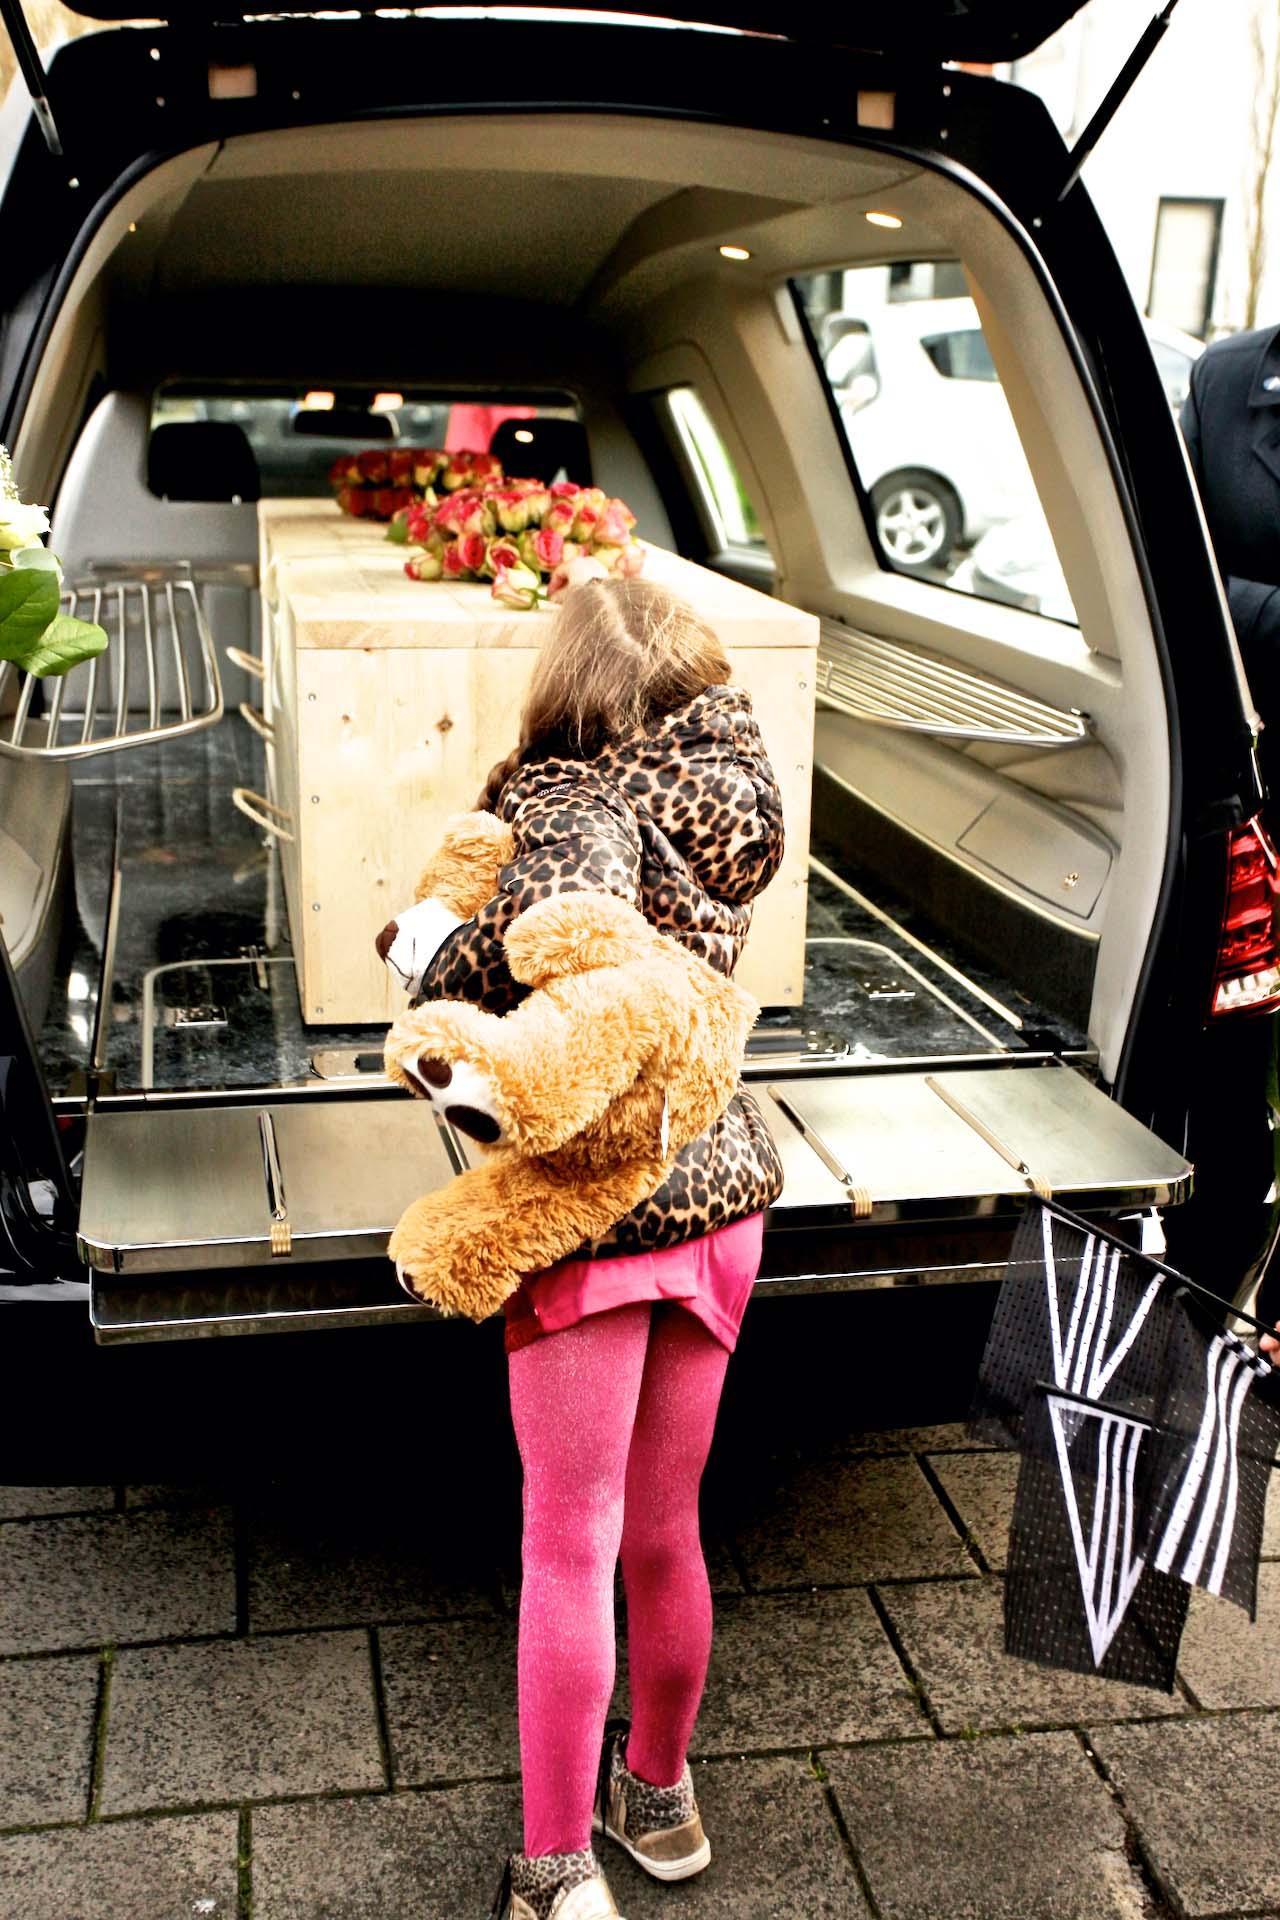 uitvaartkist in auto op weg naar de eindbestemming met klein meisje ervoor die een laatste bloem op de kist legt uitvaart1001lichtjes inspiratie afscheid rouwauto